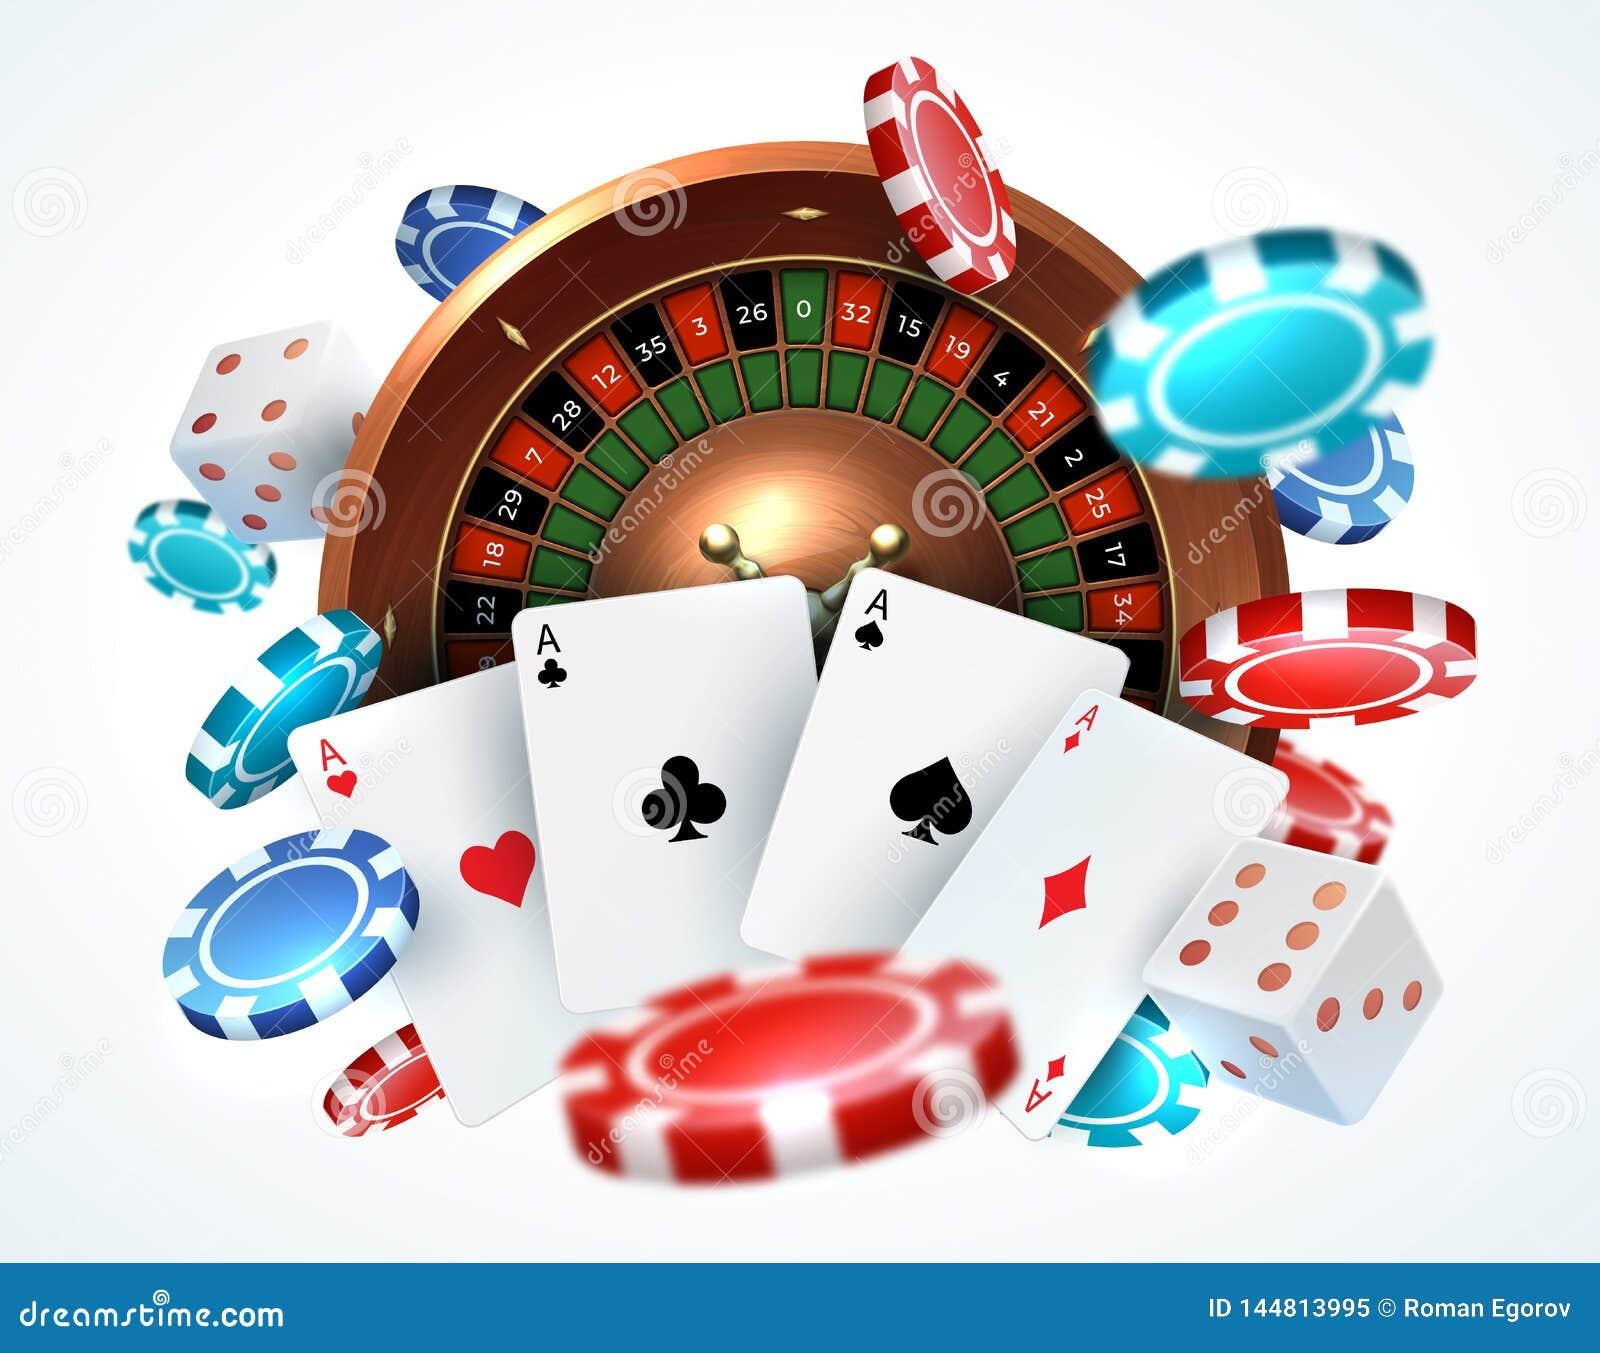 纸牌纸牌筹码 赌博与传染媒介幸运的轮盘赌的落的模子网上赌博娱乐场现实3D赌博概念